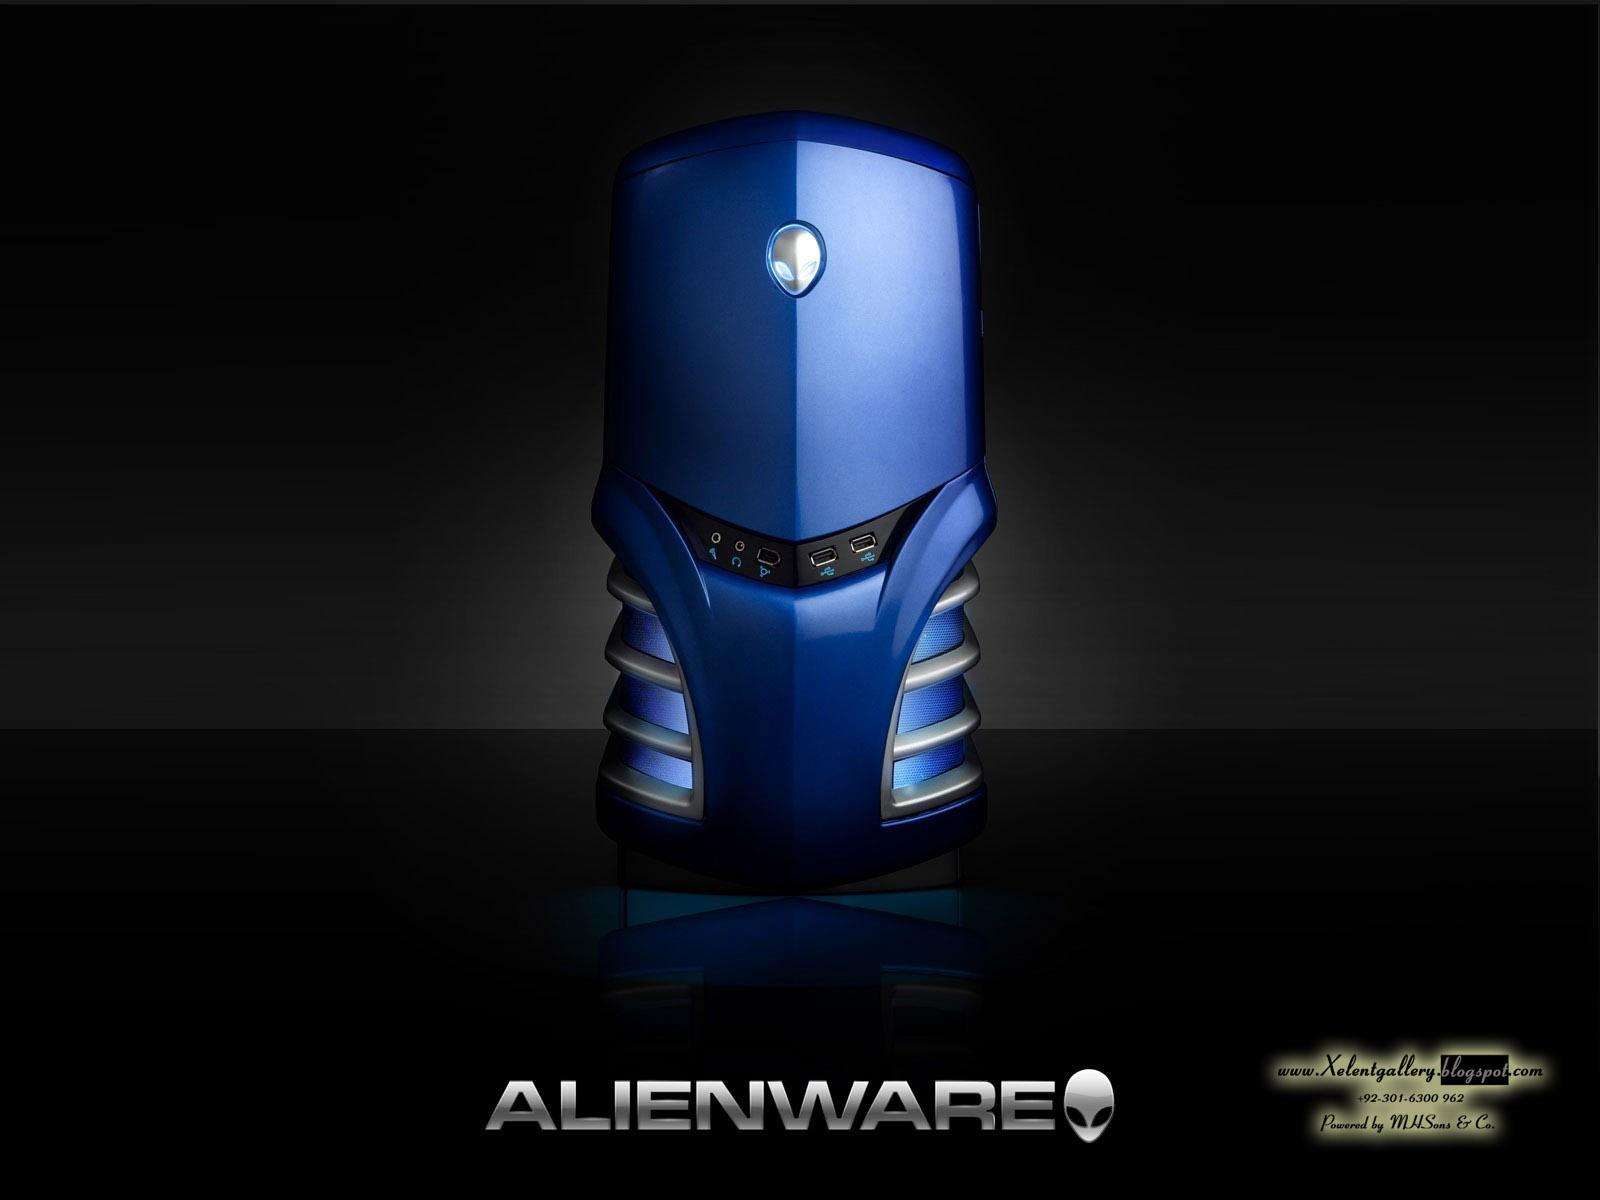 Alienware Wallpaper Hd 1080p 1600x1200